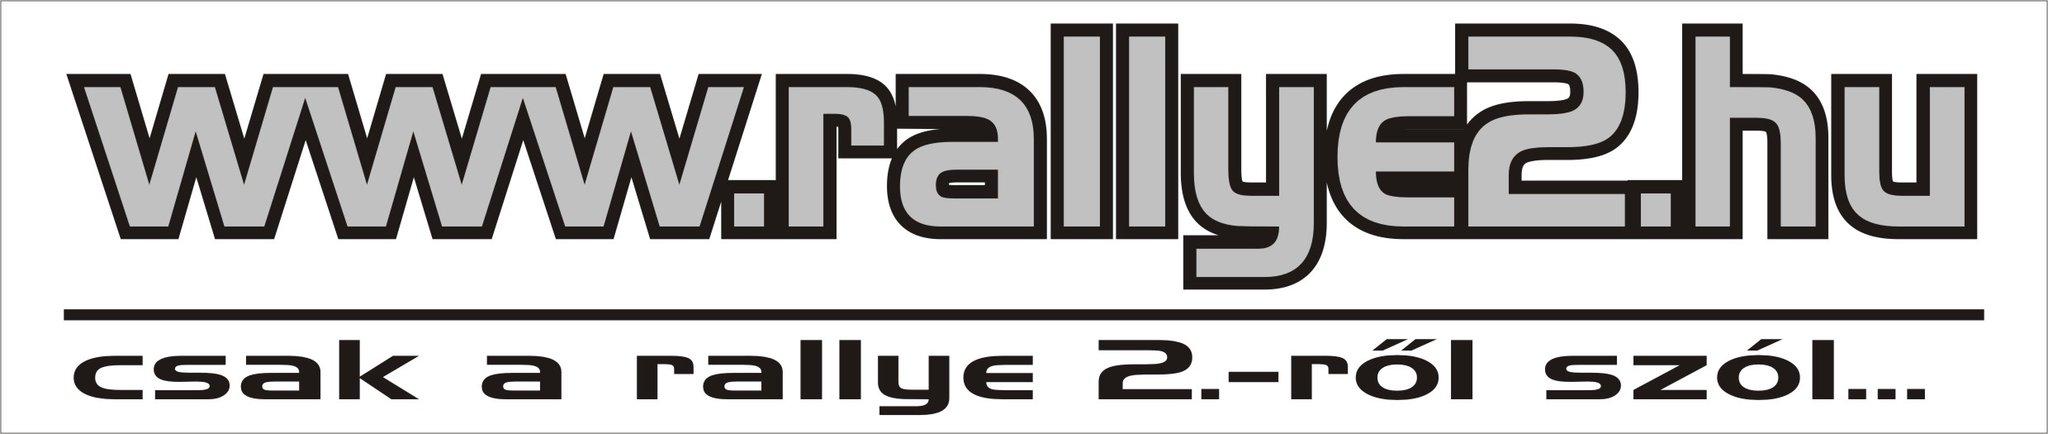 Rallye2.hu logó